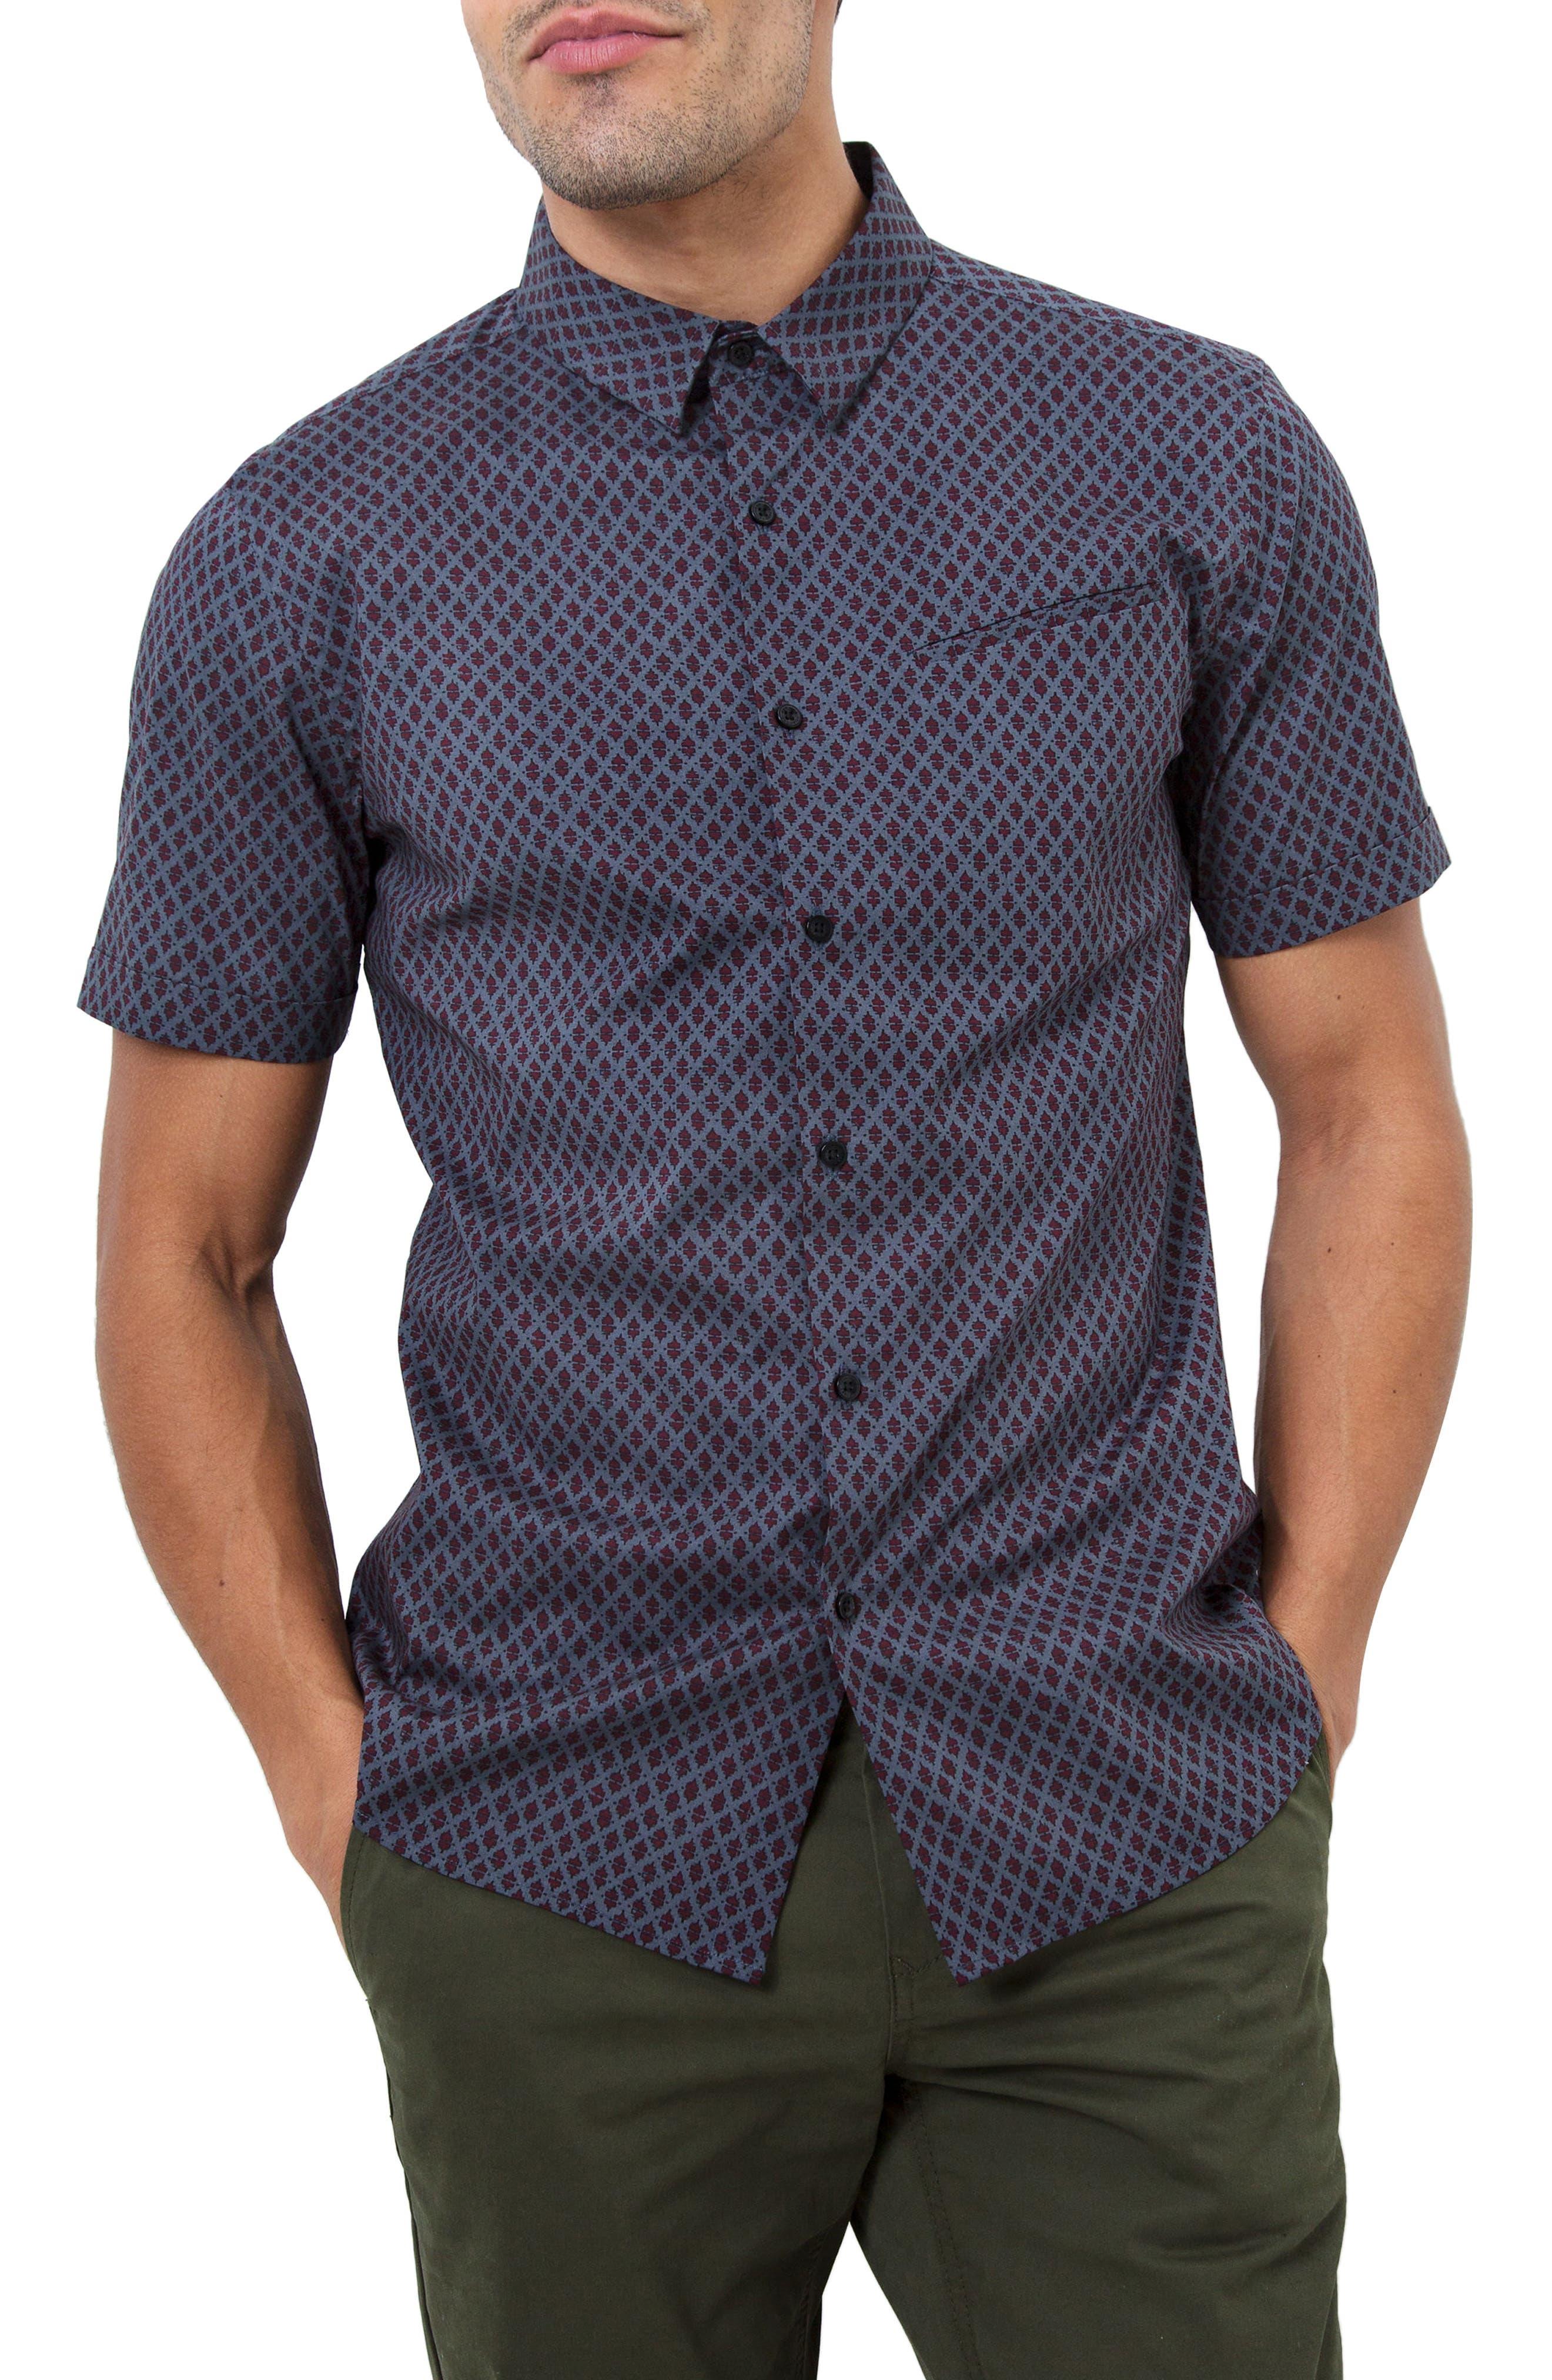 Dancing Mood Woven Shirt,                         Main,                         color, Navy